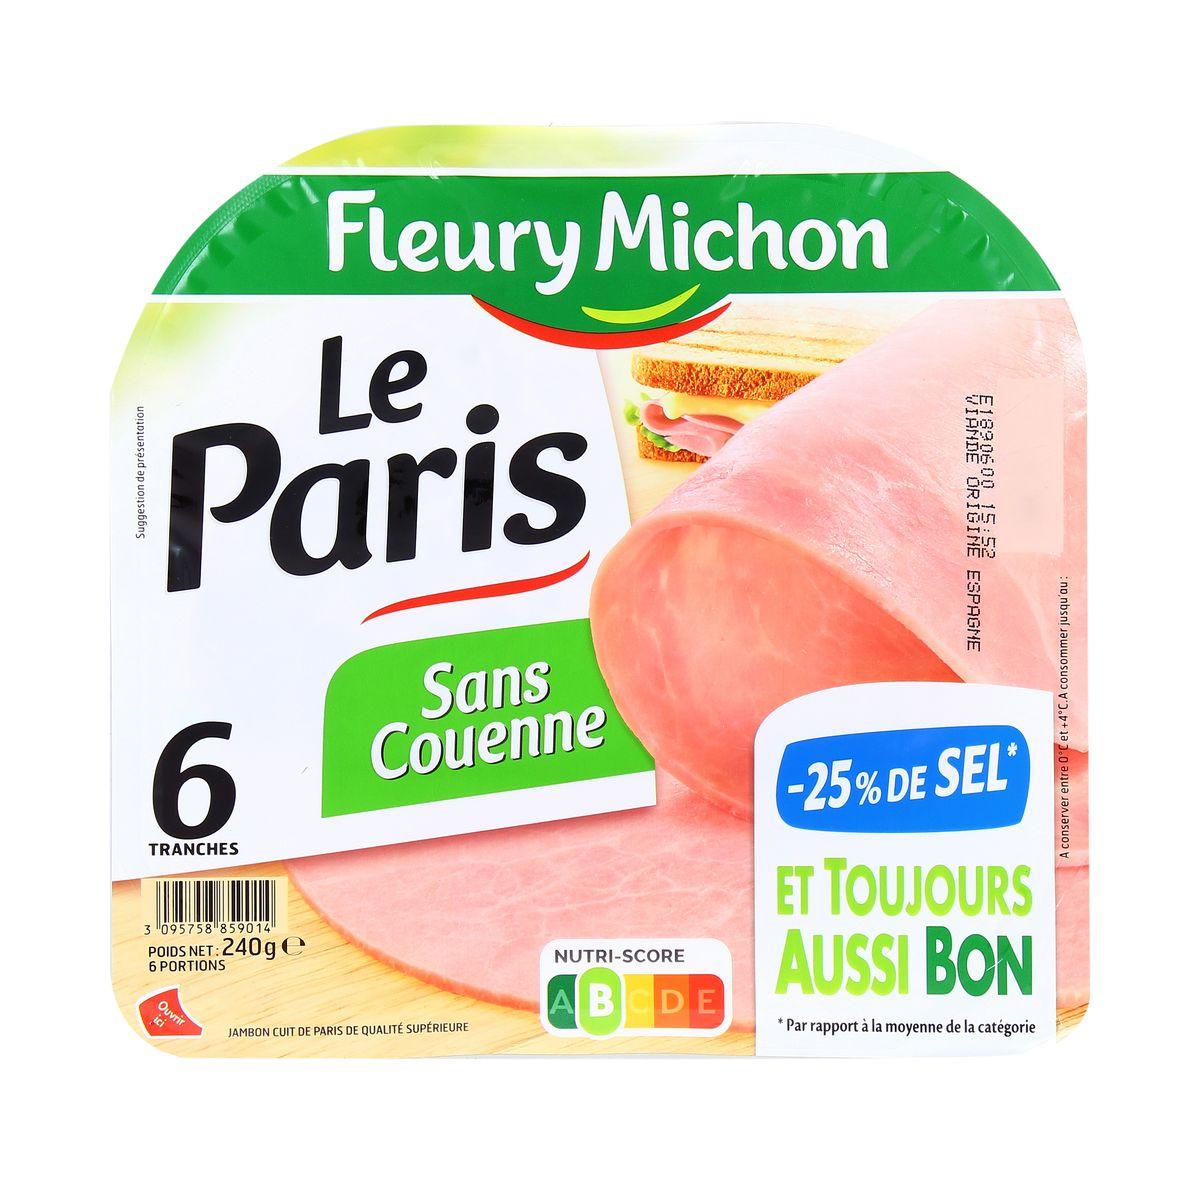 Jambon Le Paris sans couenne -25% de sel, Fleury Michon (6 tranches, 240 g)